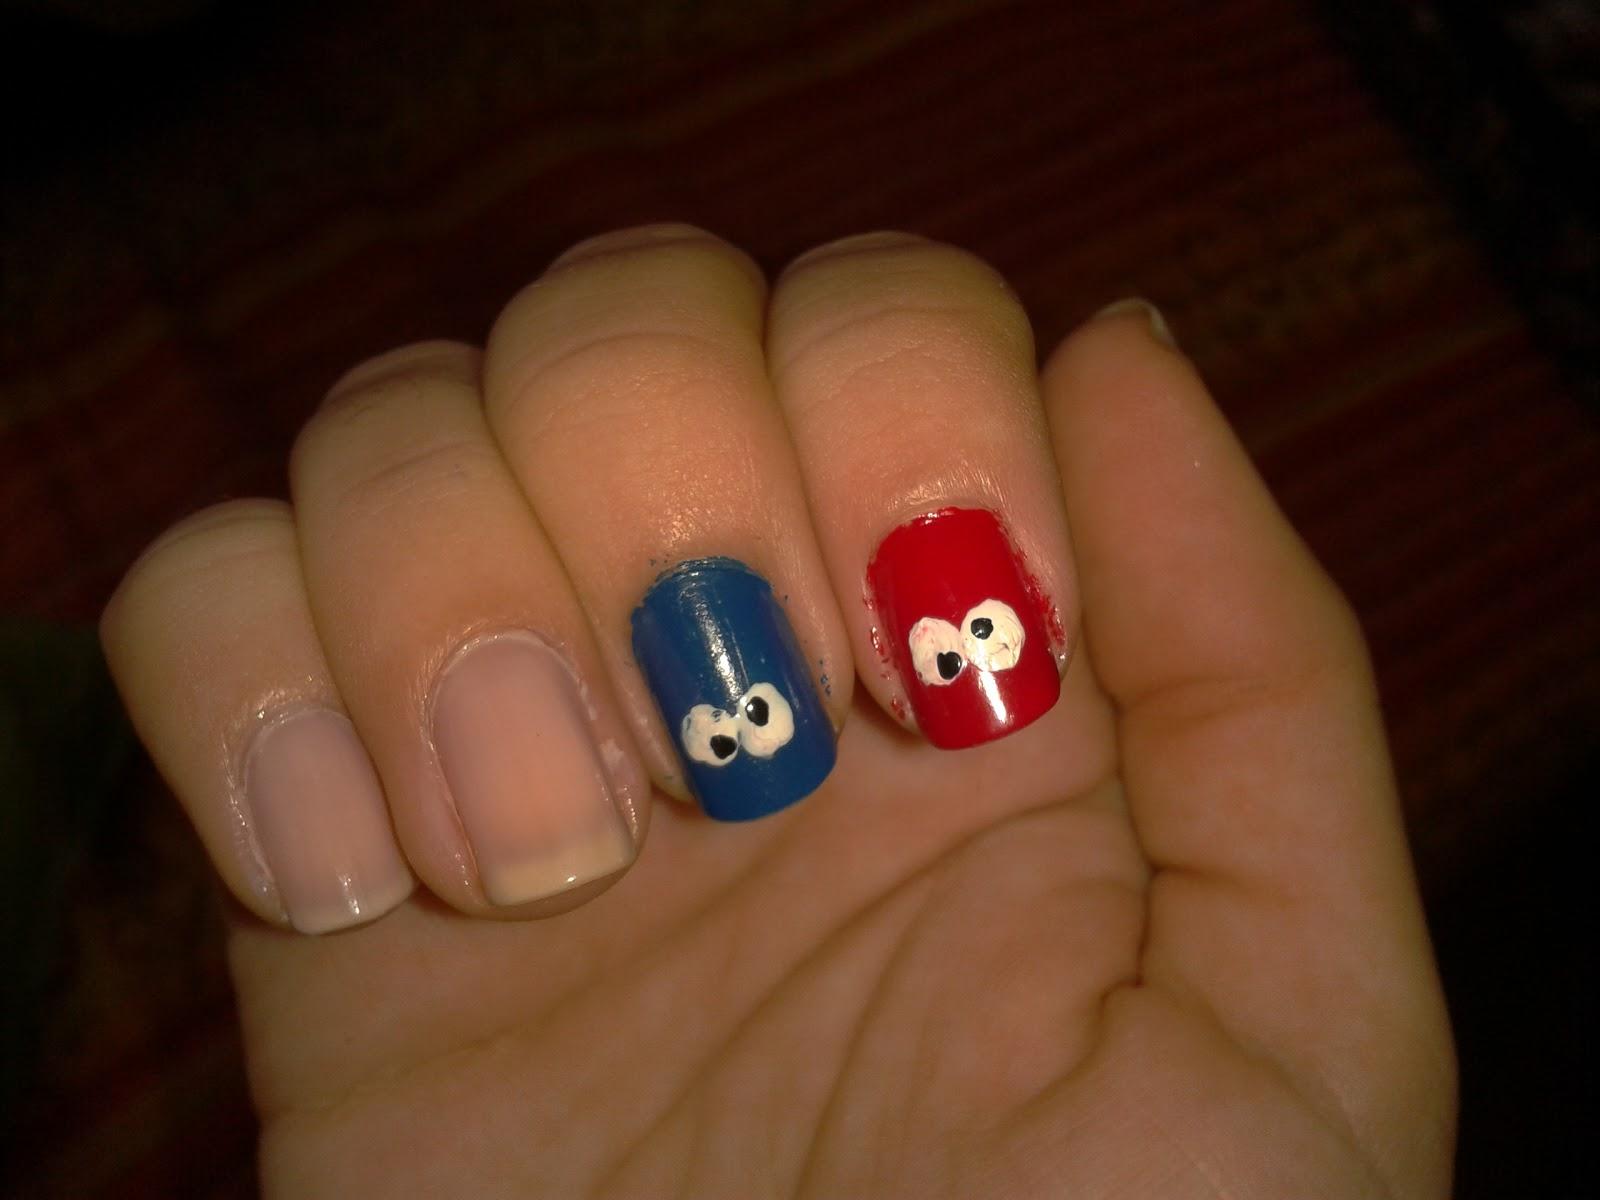 Diseño de uñas: Elmo y el Monstruo de las Galletas